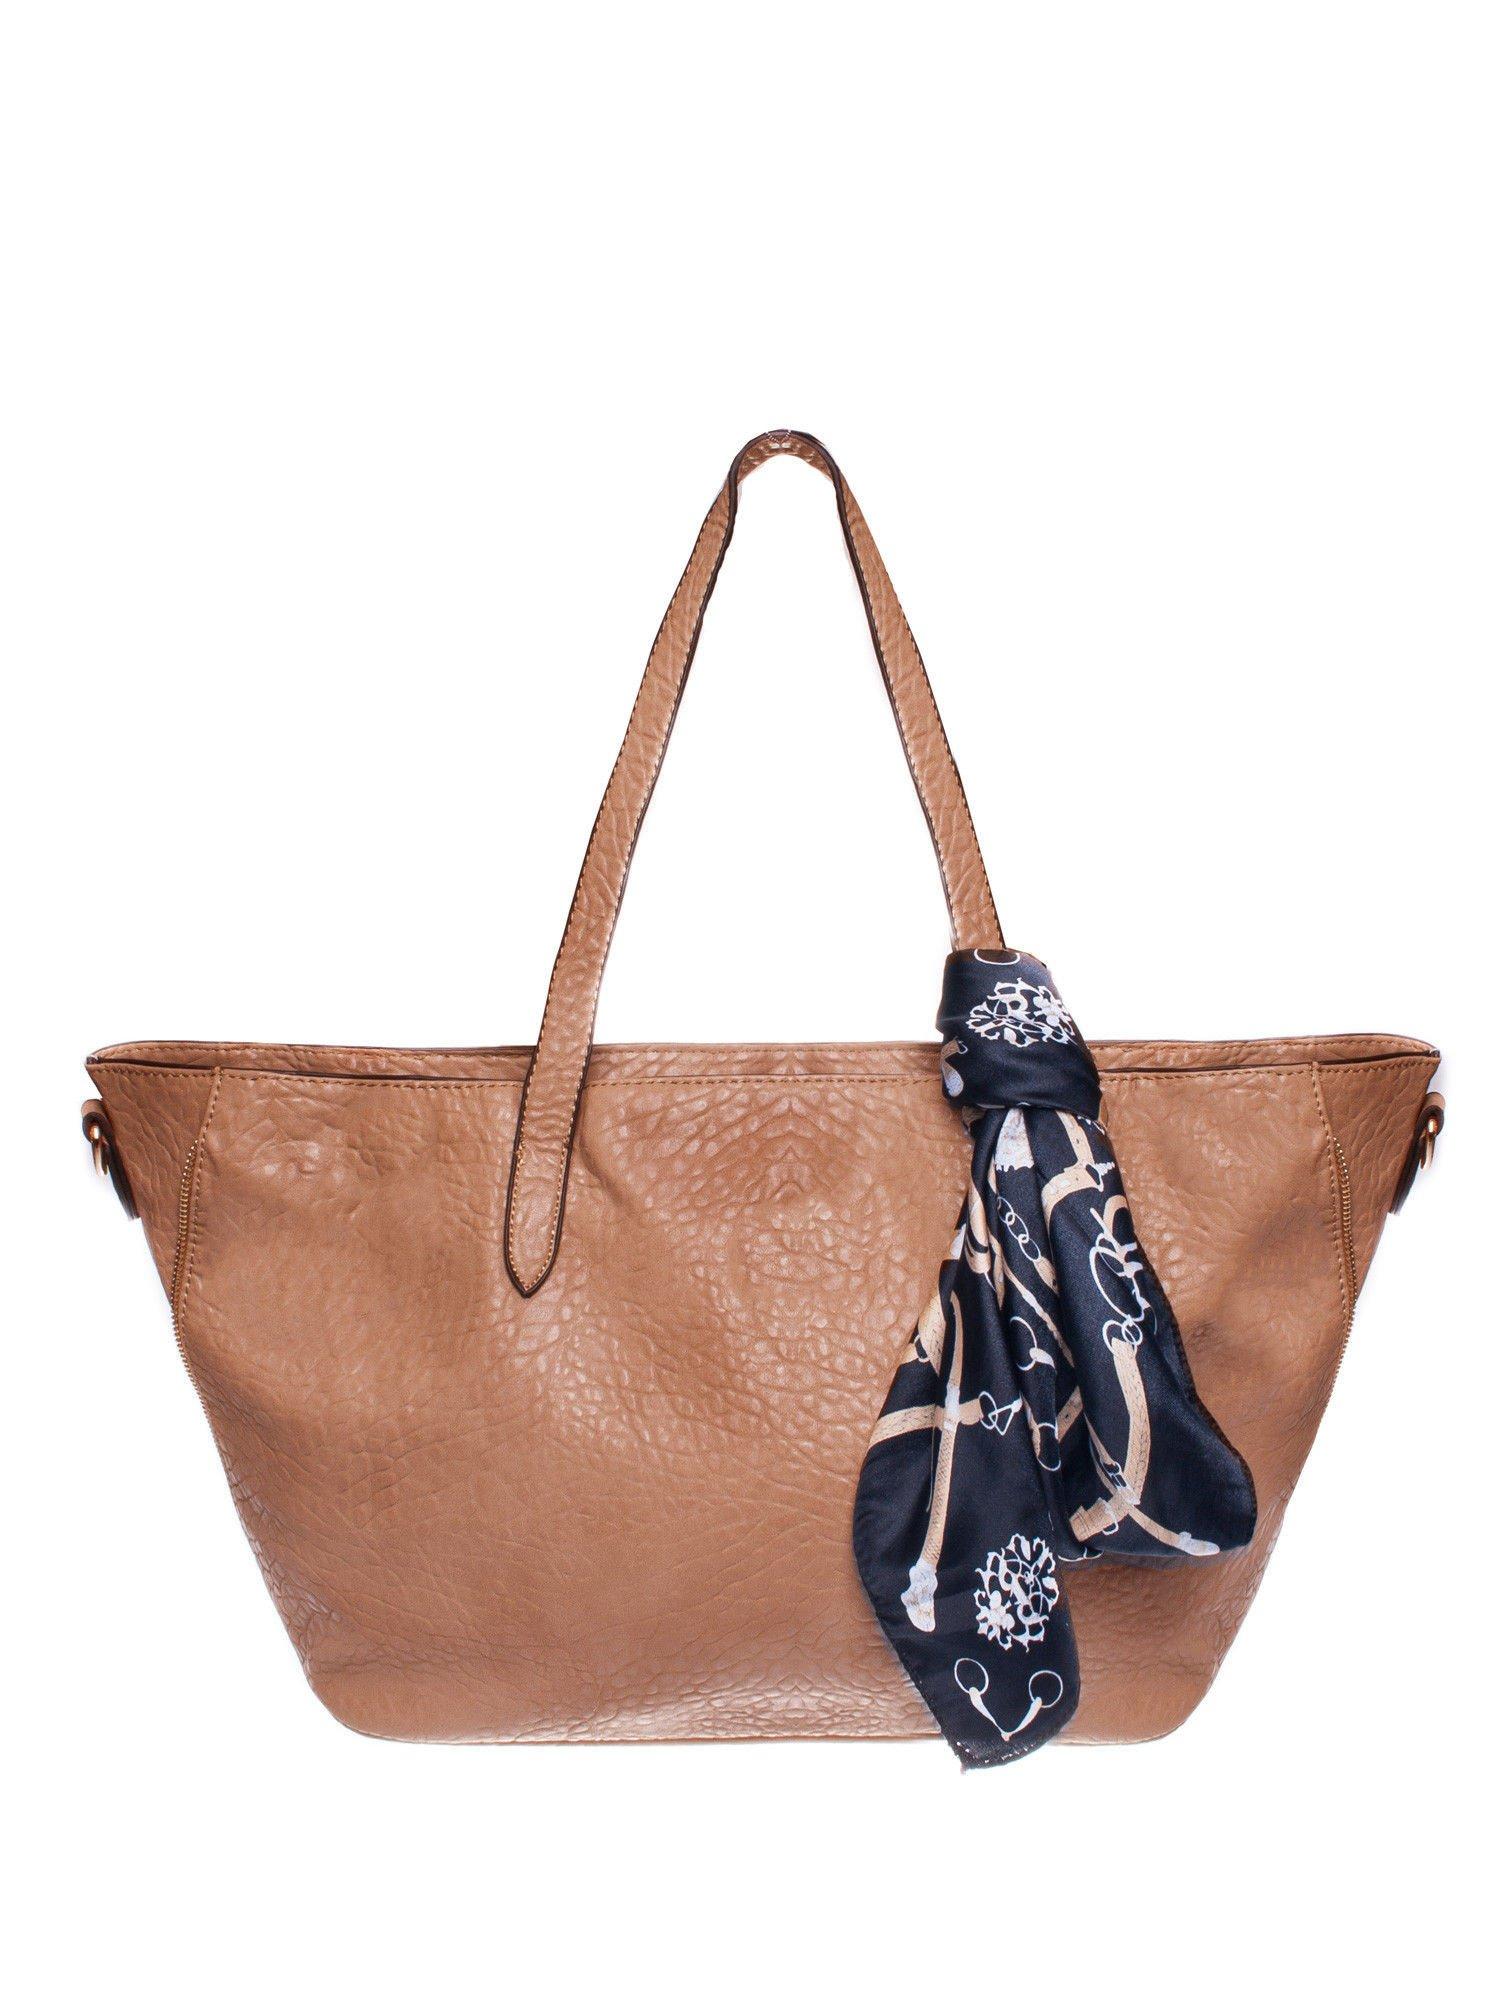 Brązowa torebka shopper bag z apaszką                                  zdj.                                  1